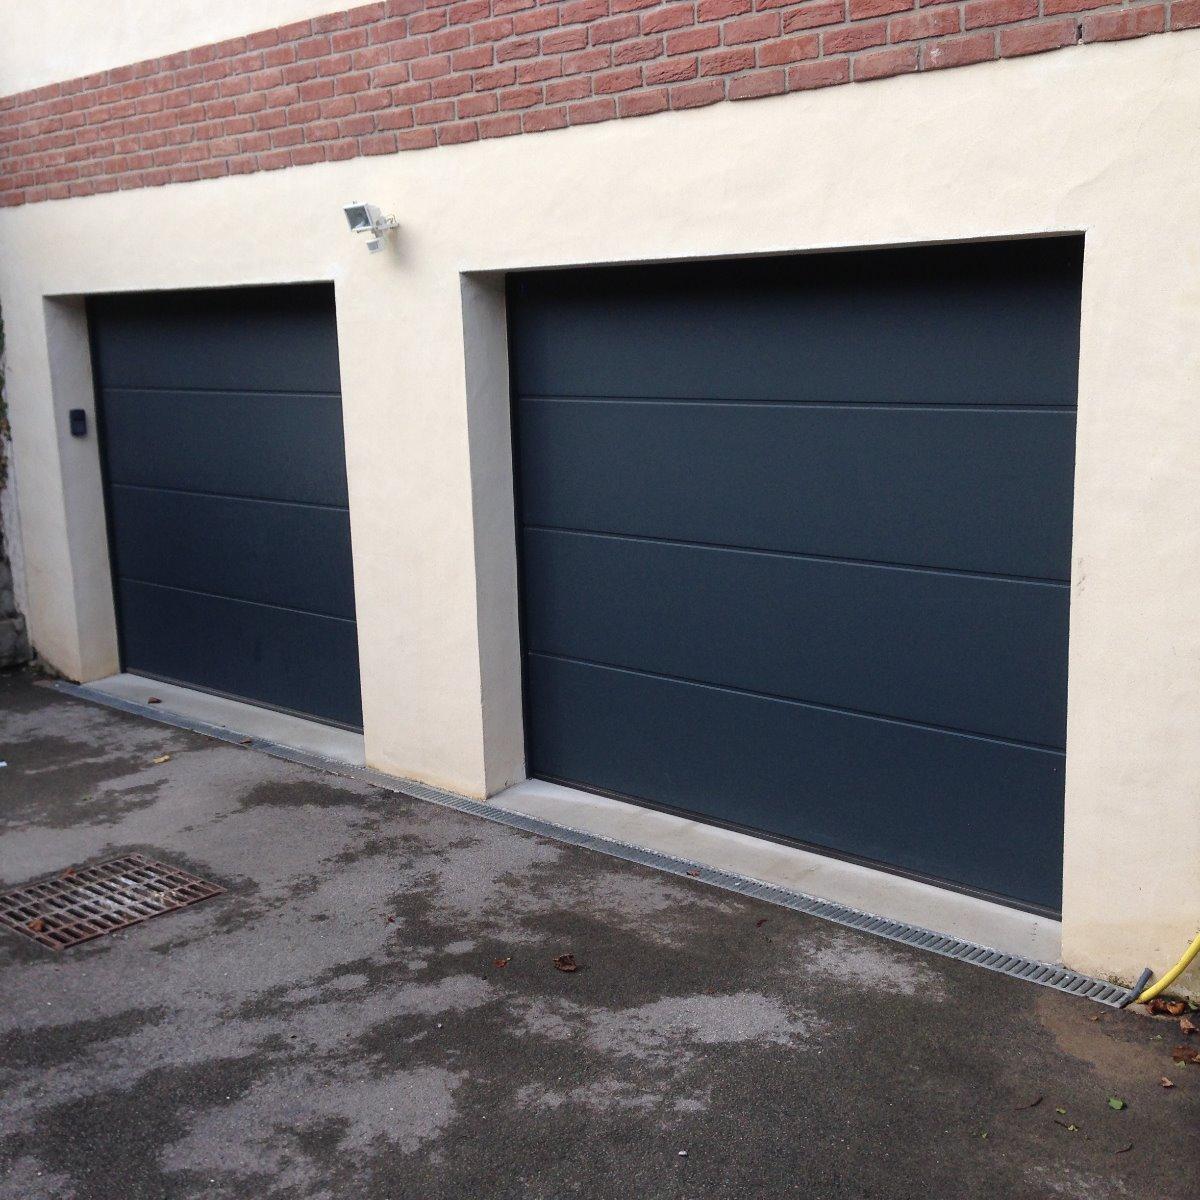 Portes de garage sectionnelles motorisées a panneau lisse avec clavier à code - RUE - 80